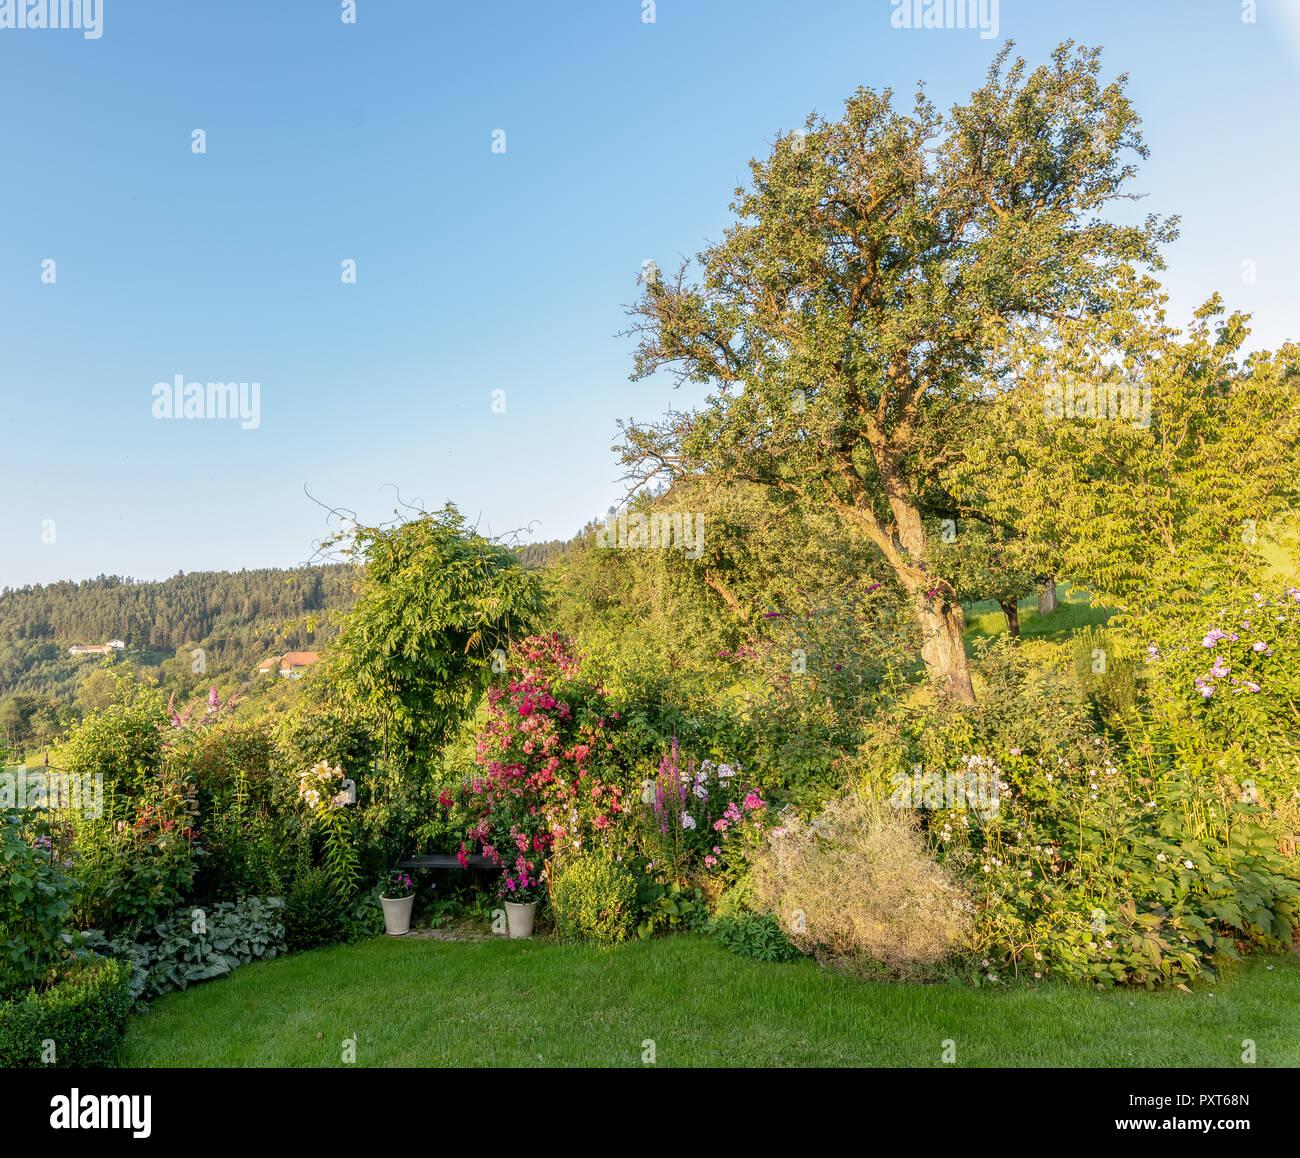 Progettare Un Giardino In Campagna disegni da giardino immagini e fotos stock - alamy